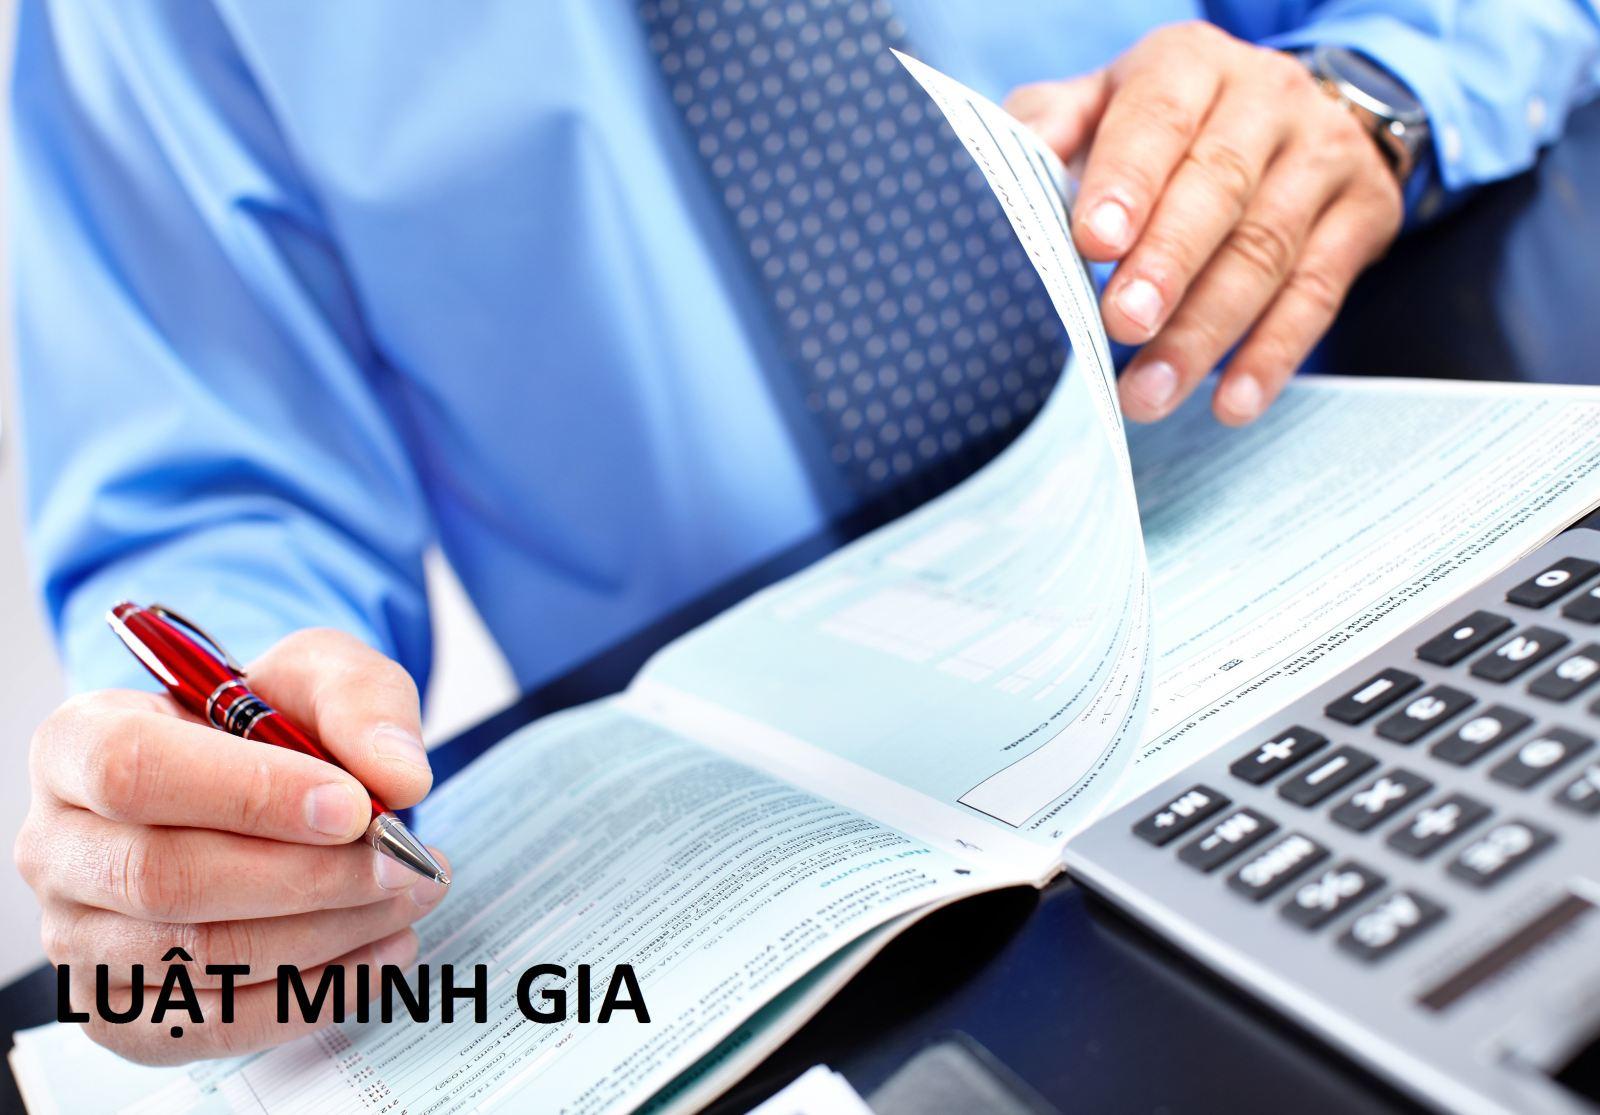 Kế toán làm chứng từ khống theo lệnh của giám đốc